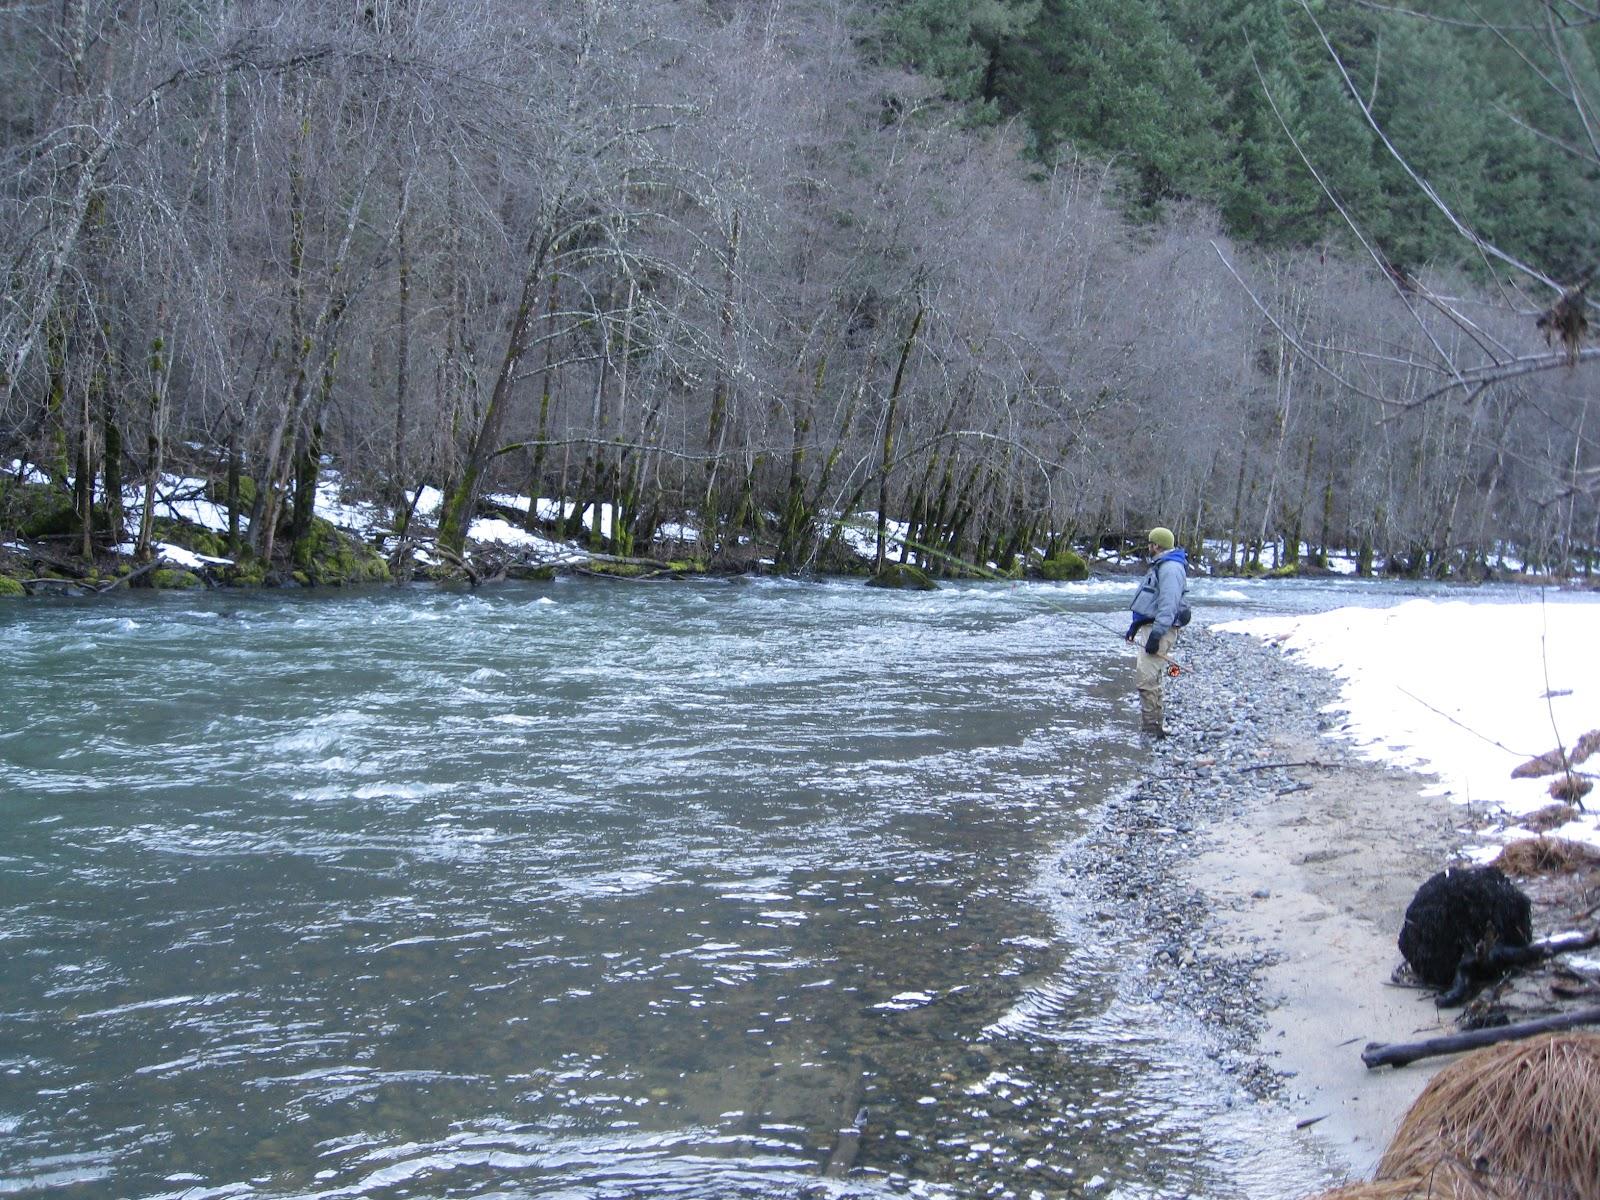 Western sierra fly fishing february 2012 for Sierra fly fishing